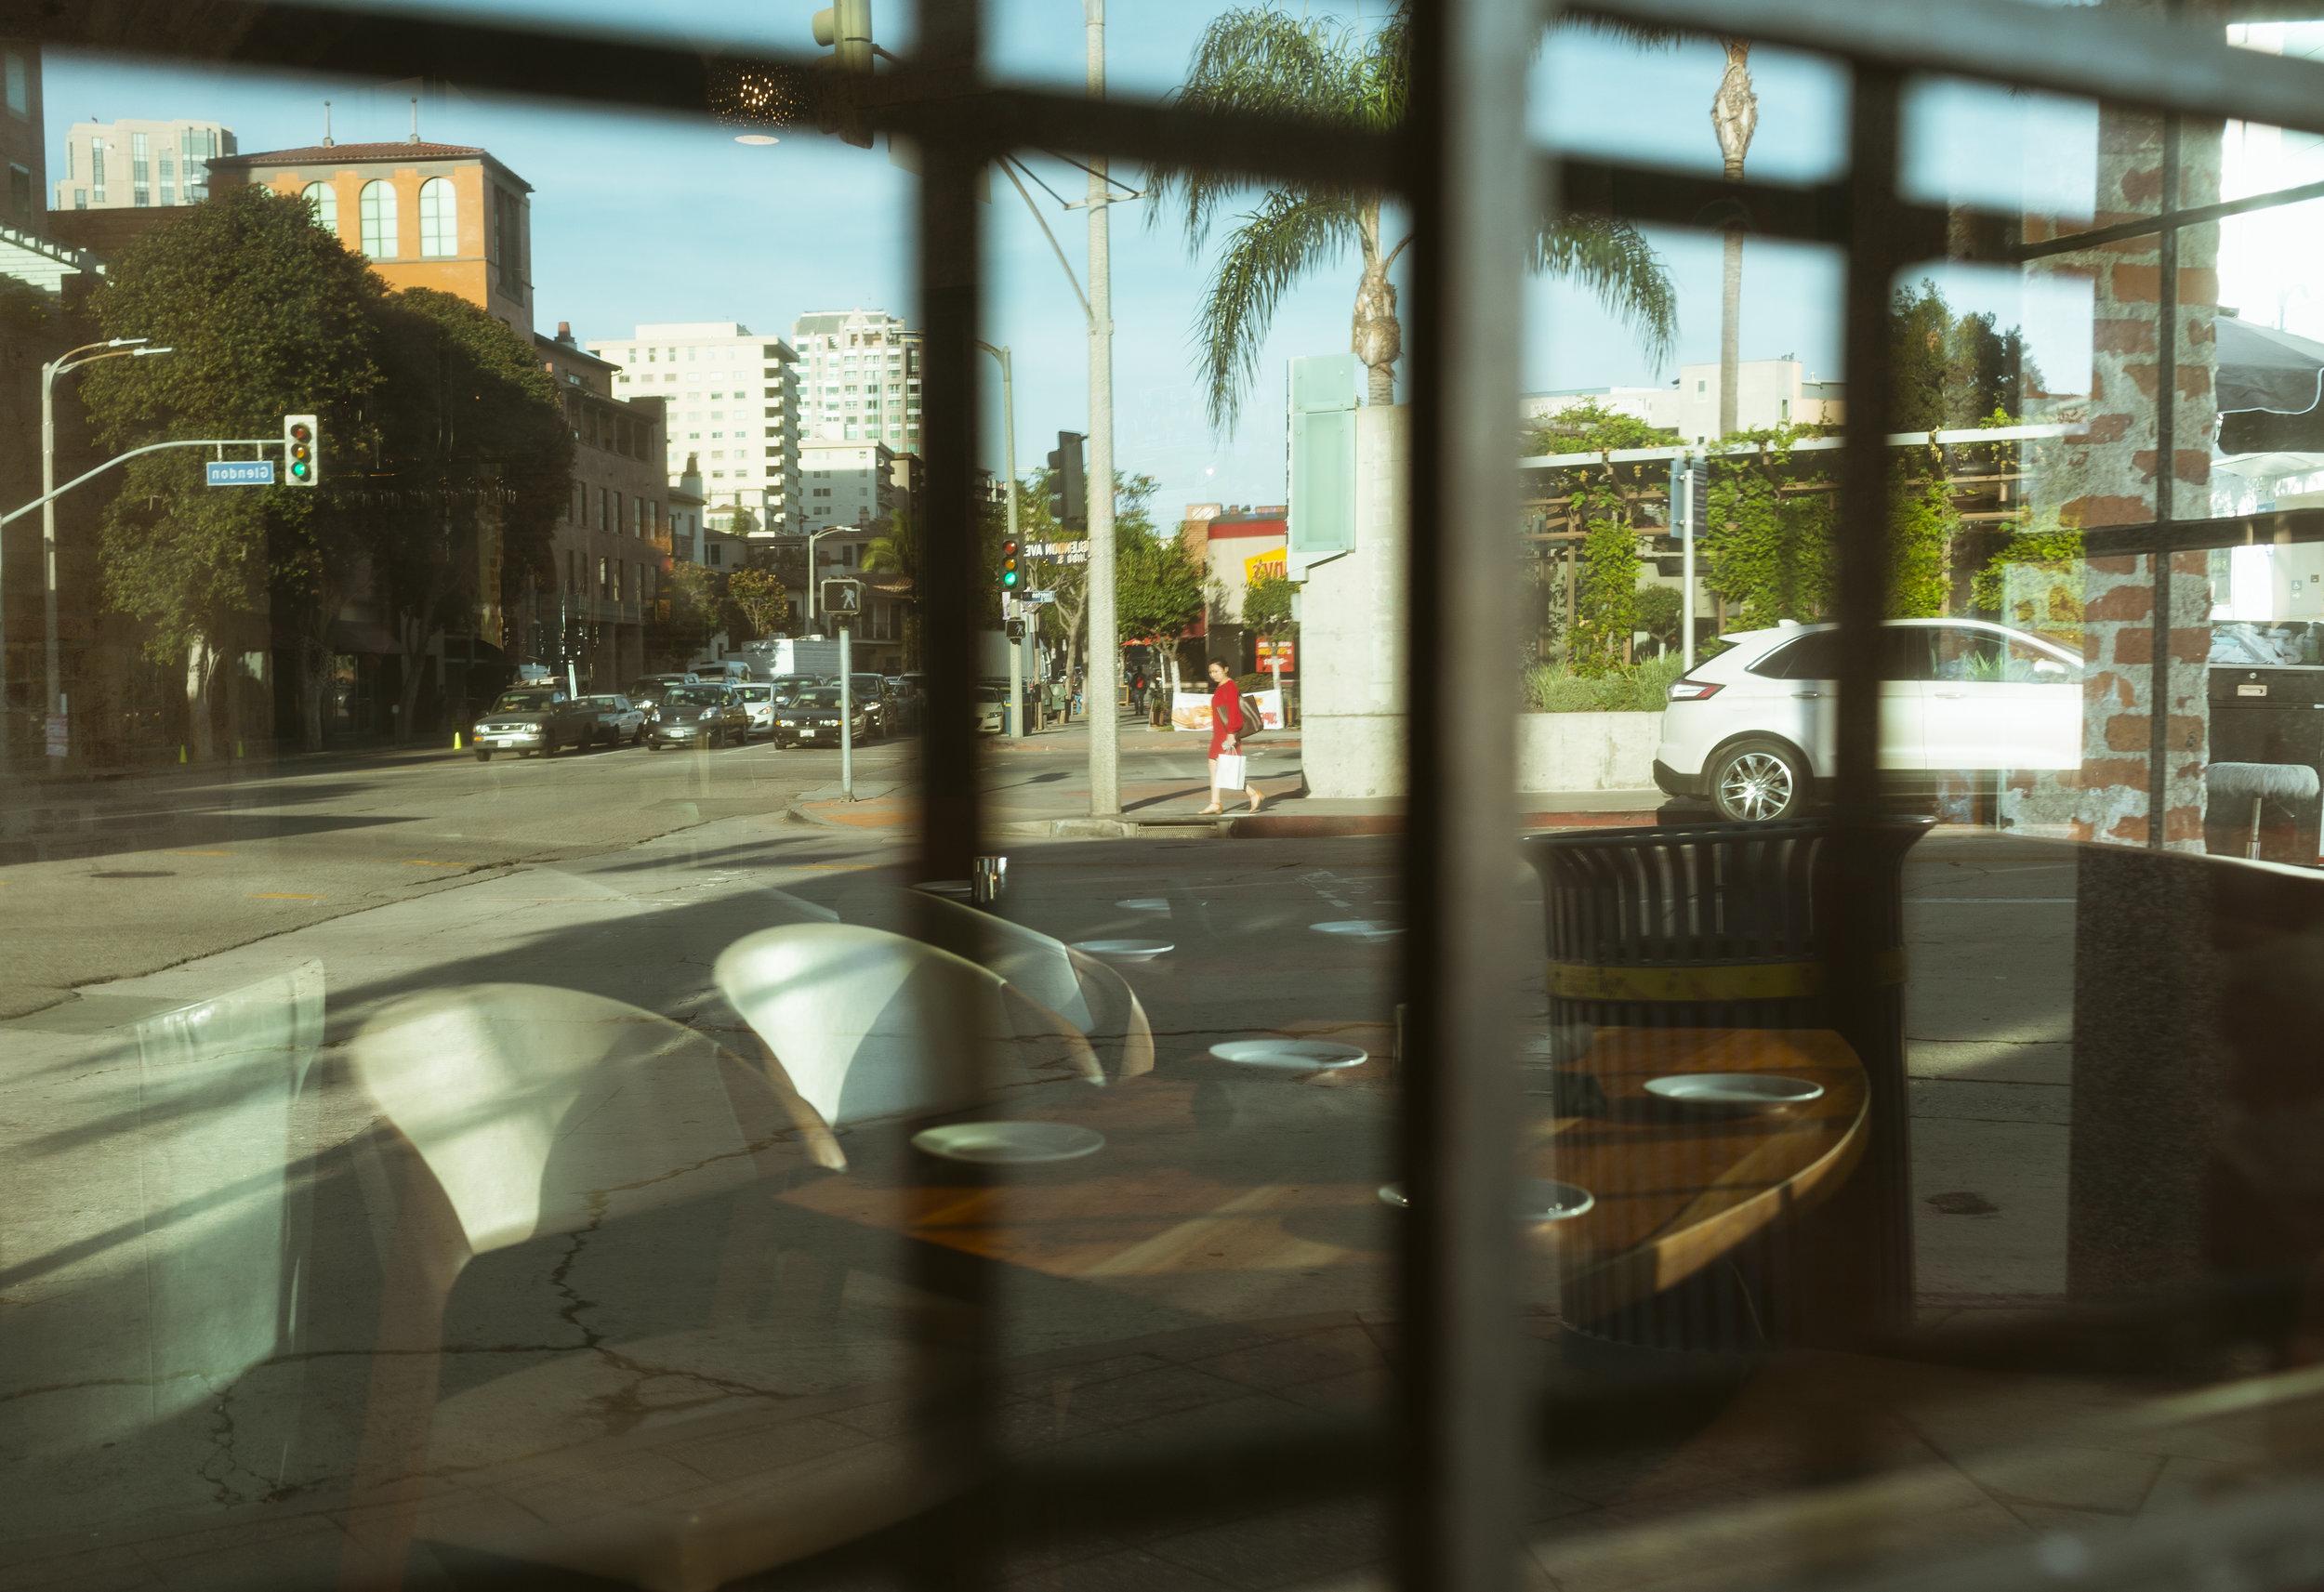 Westwood_Street_01.jpg